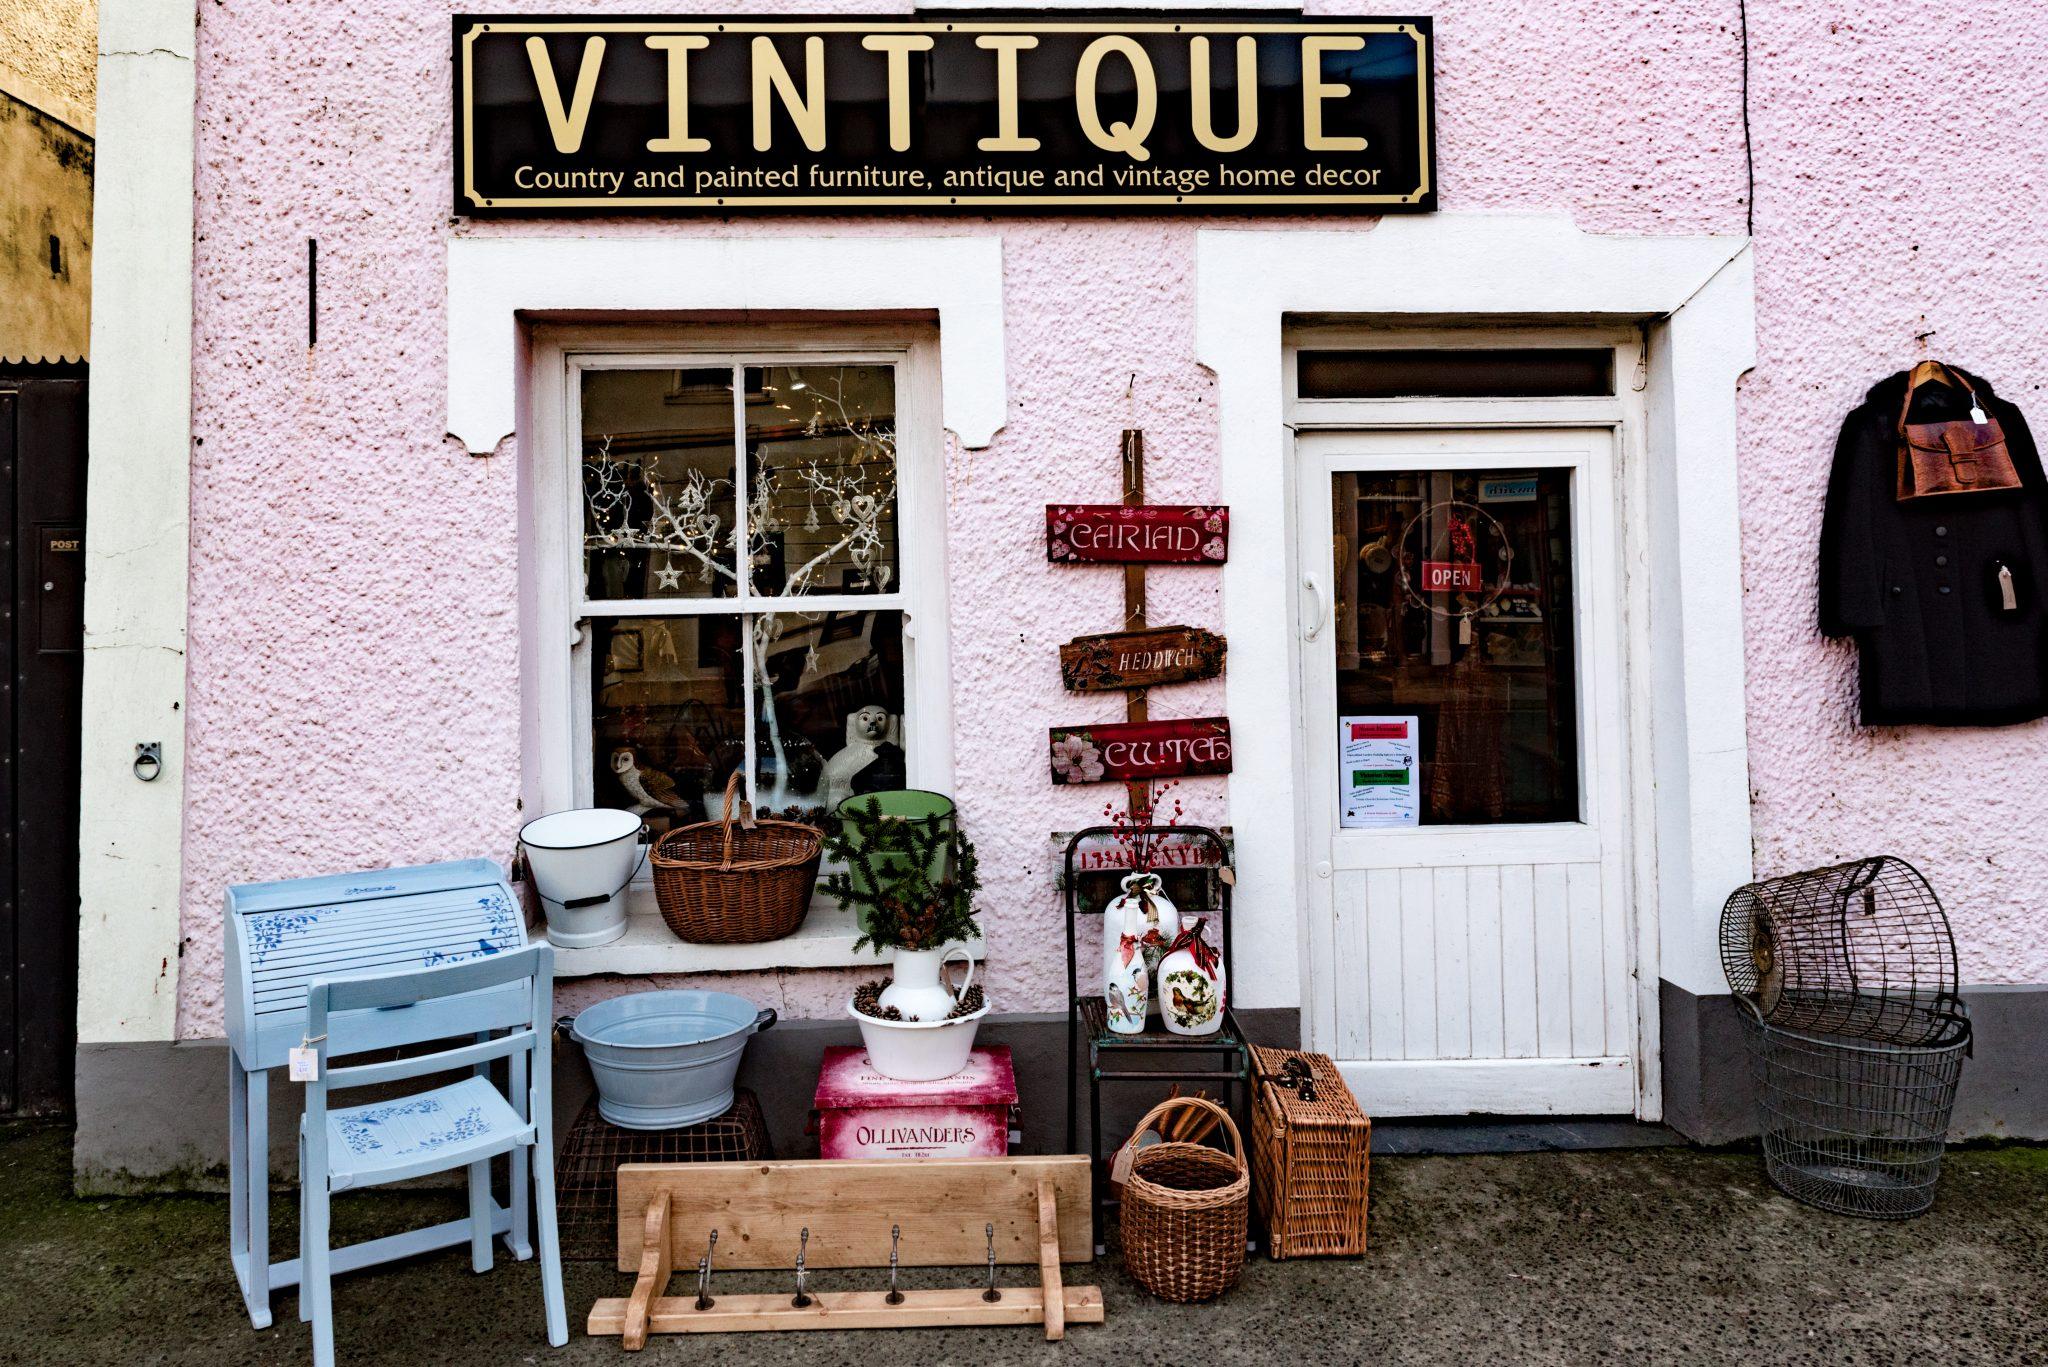 Vintique   The Wales Antiques Guide